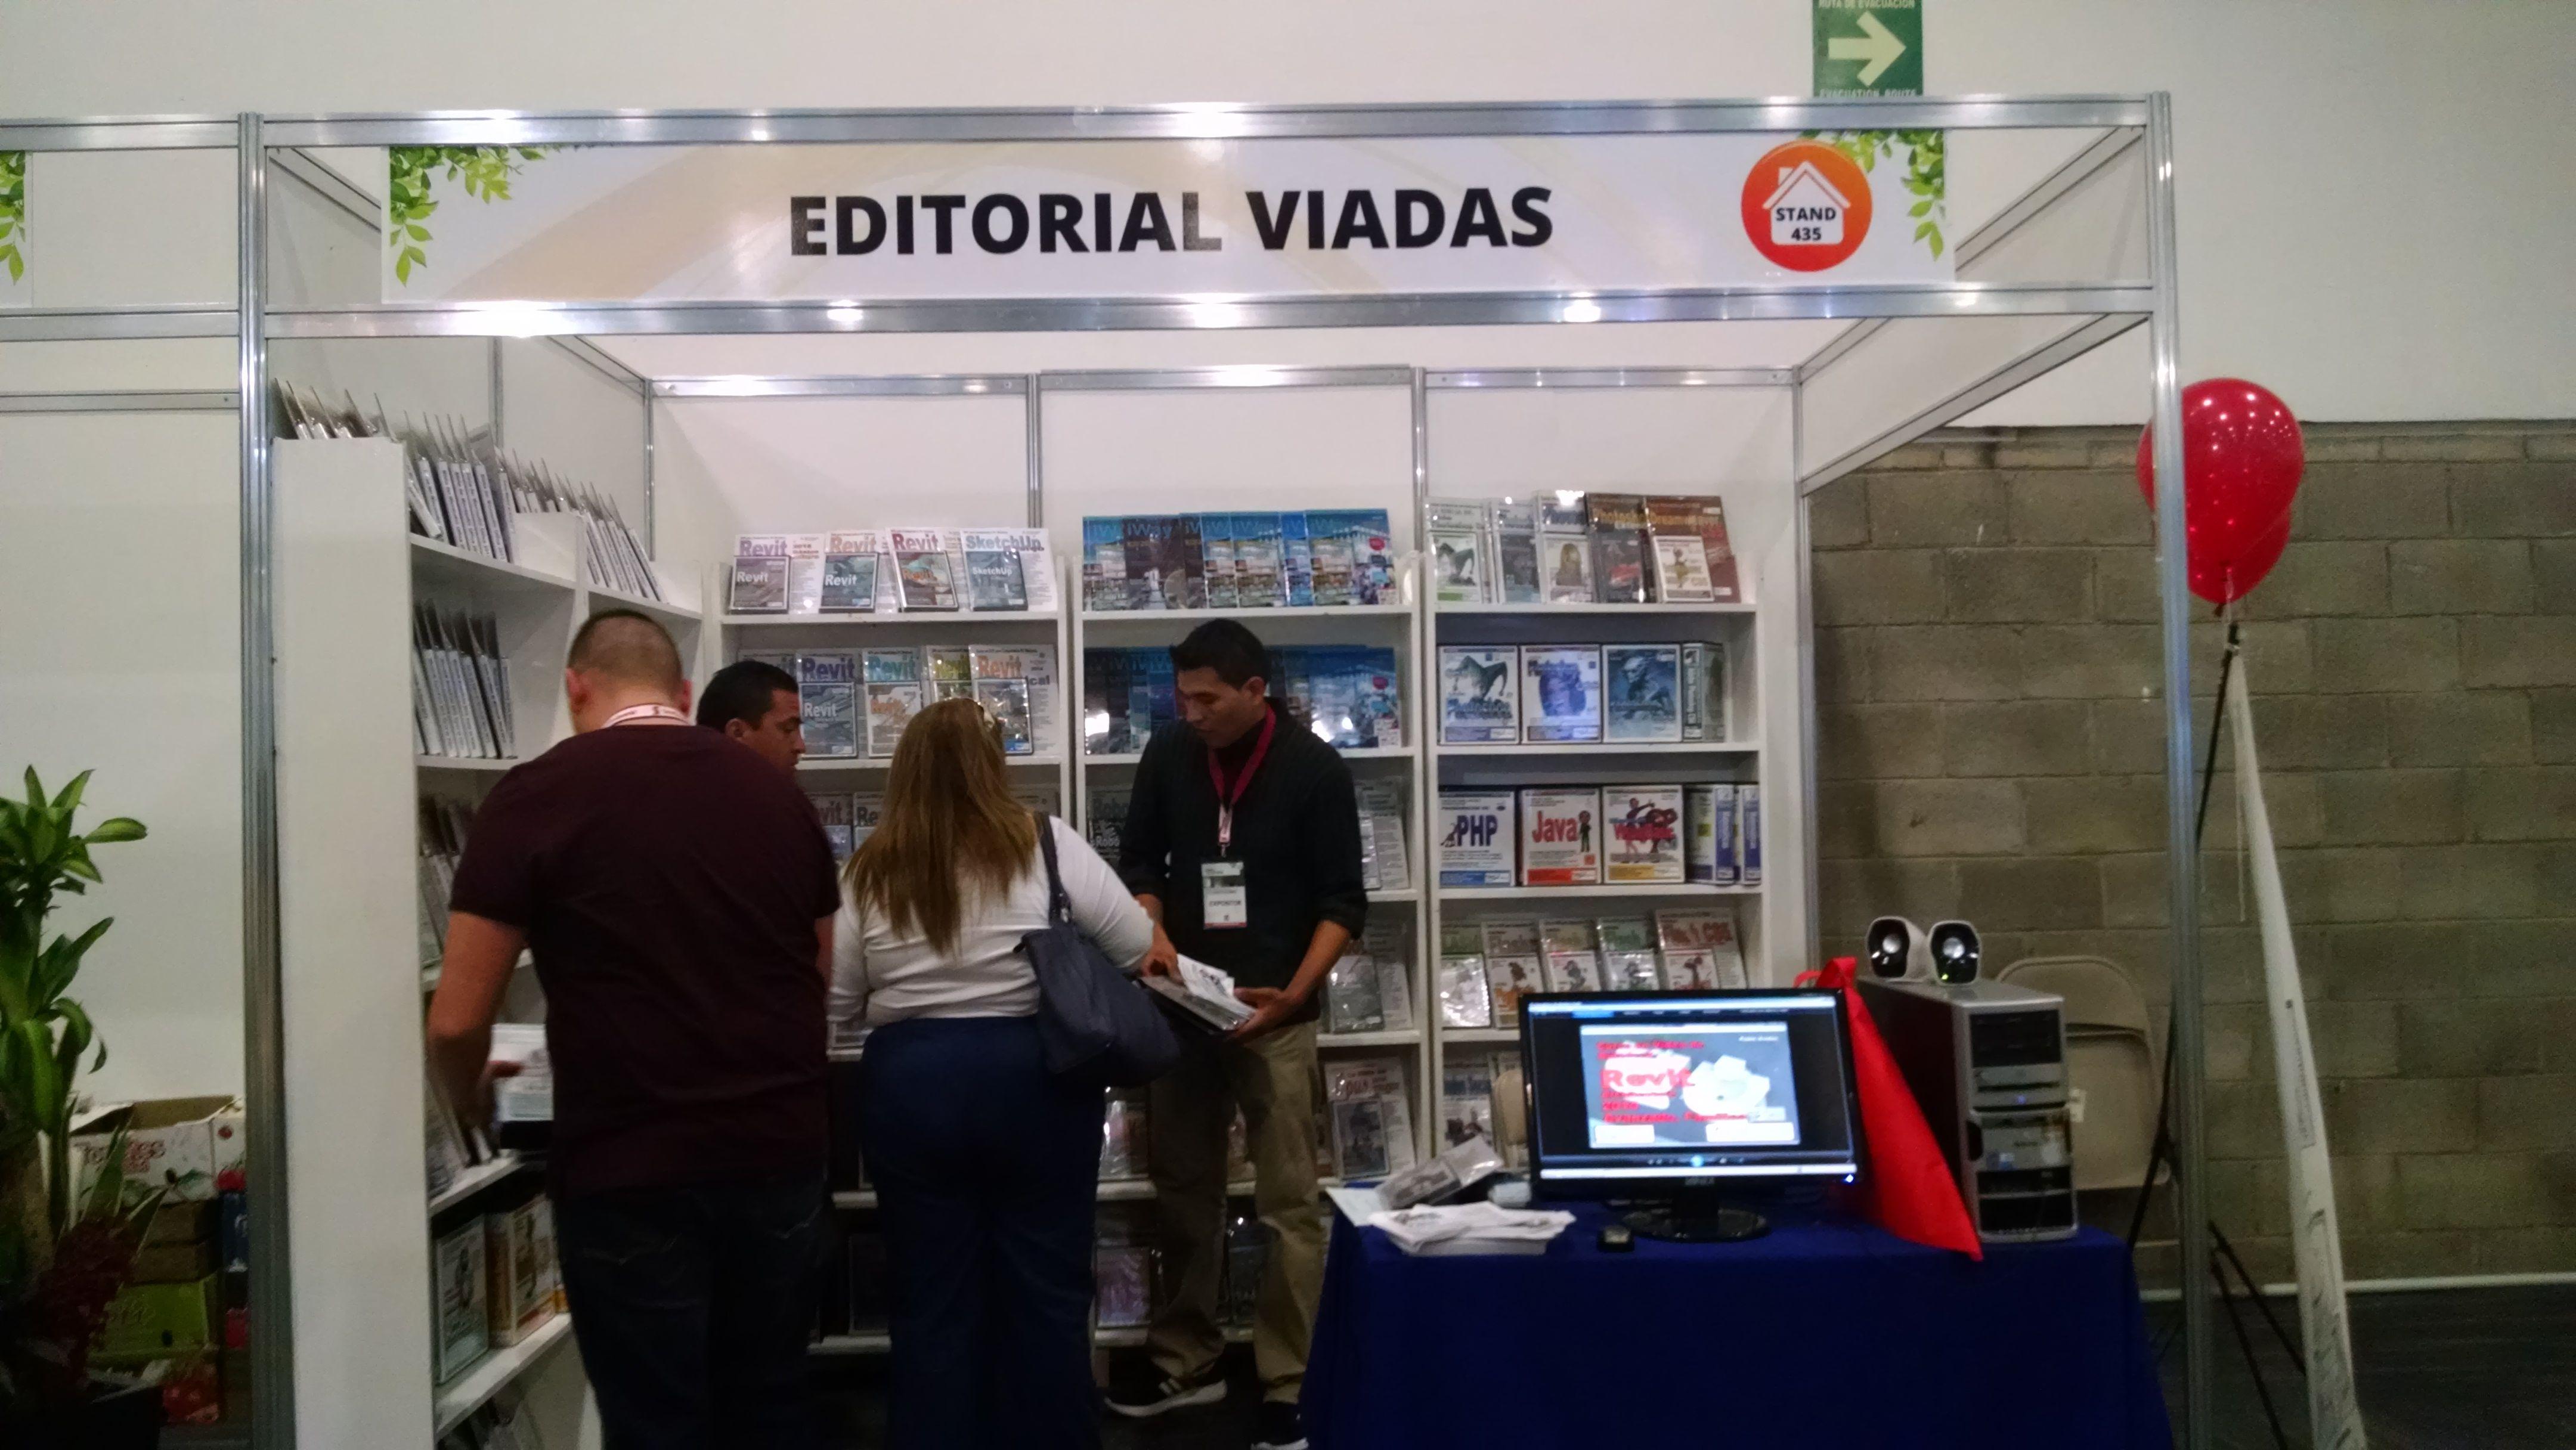 Editorial Viadas Stands en Exposiciones en la República Mexicana